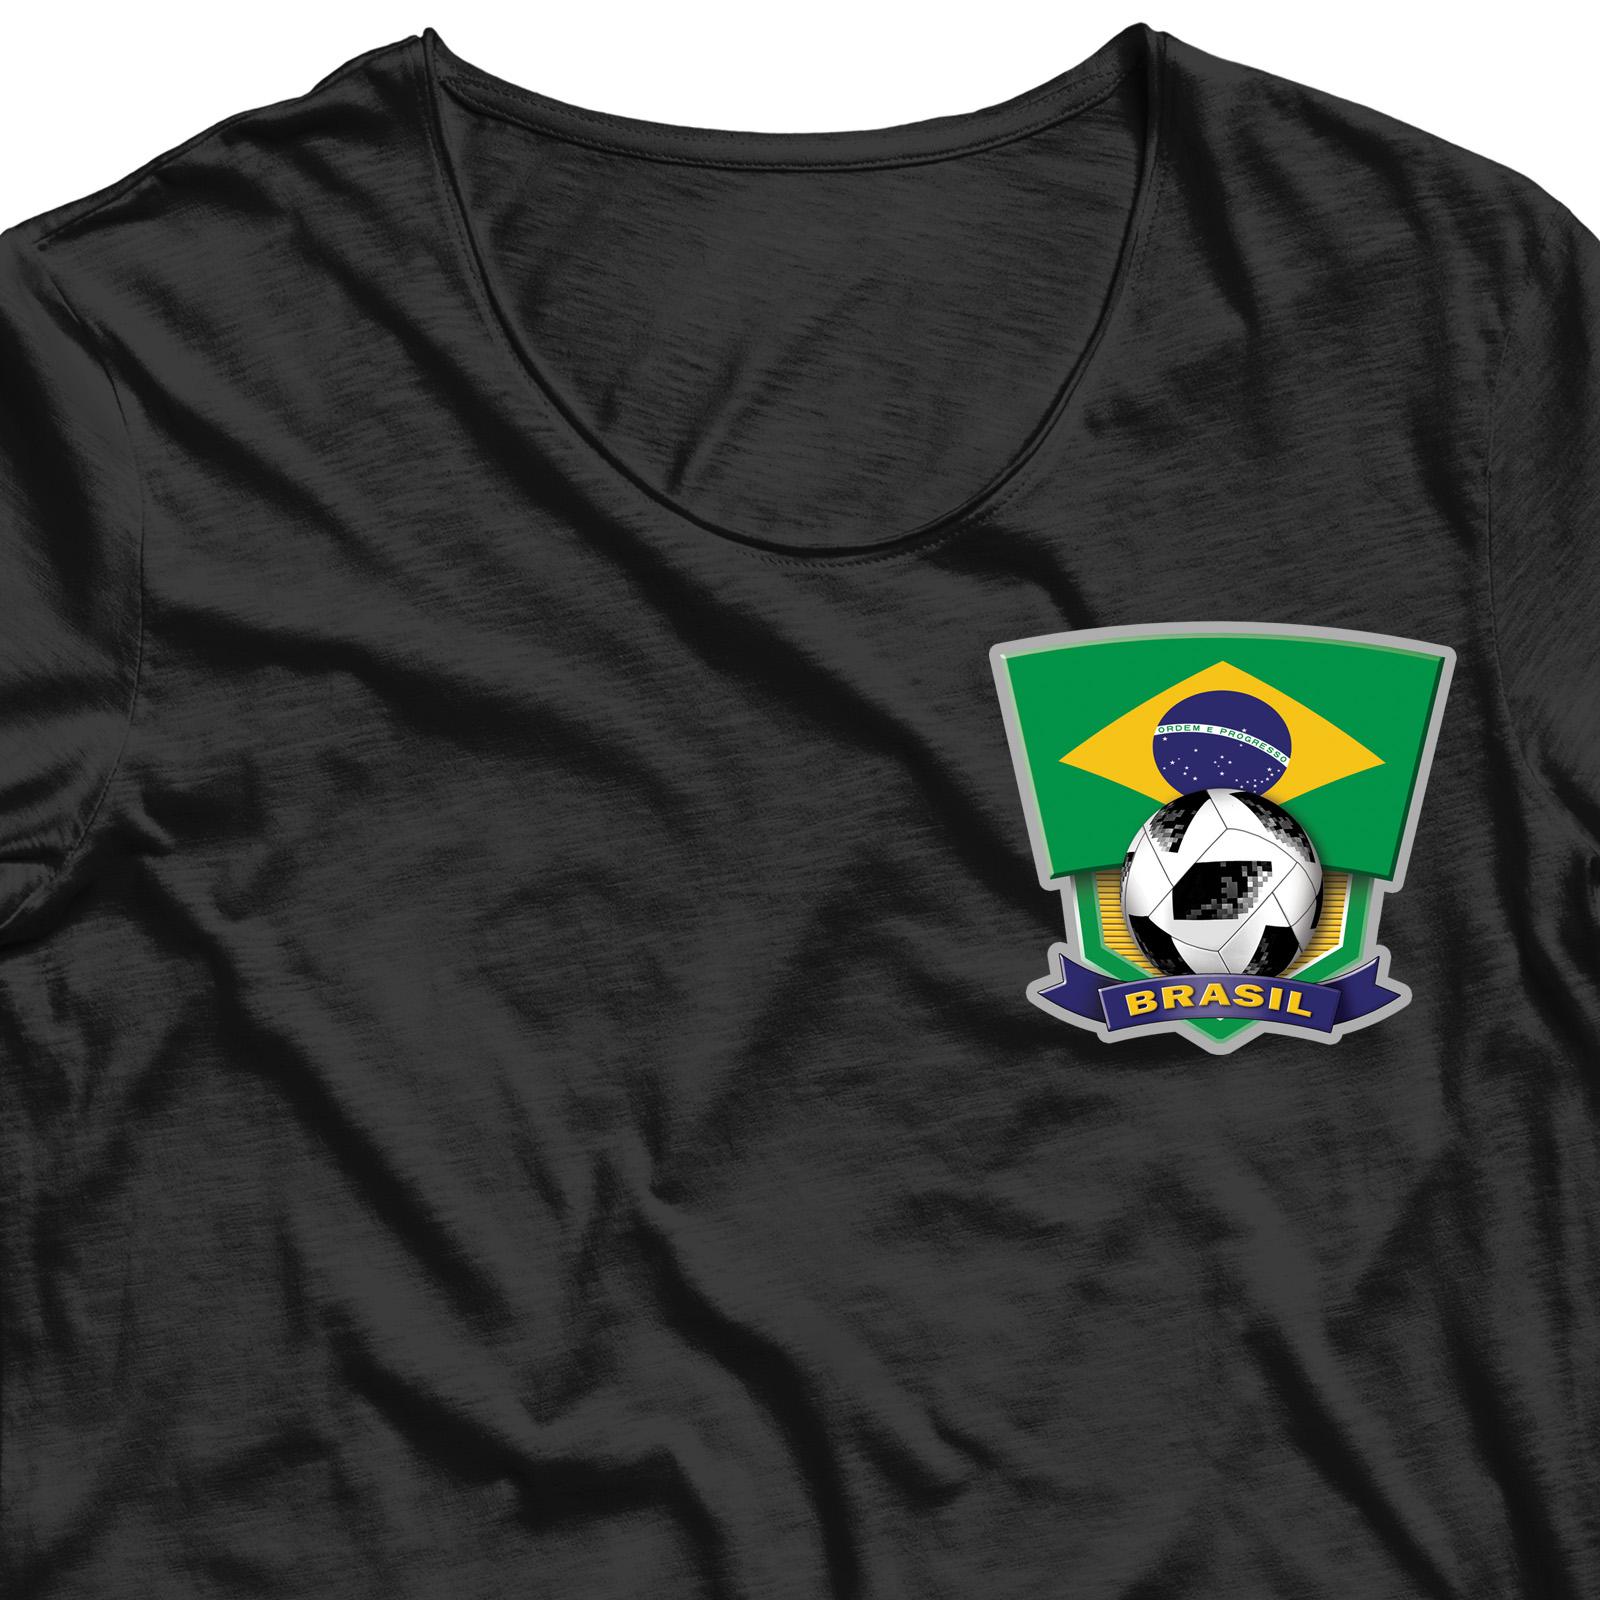 Купить сублимацию сборной Бразилии по оптимальной цене